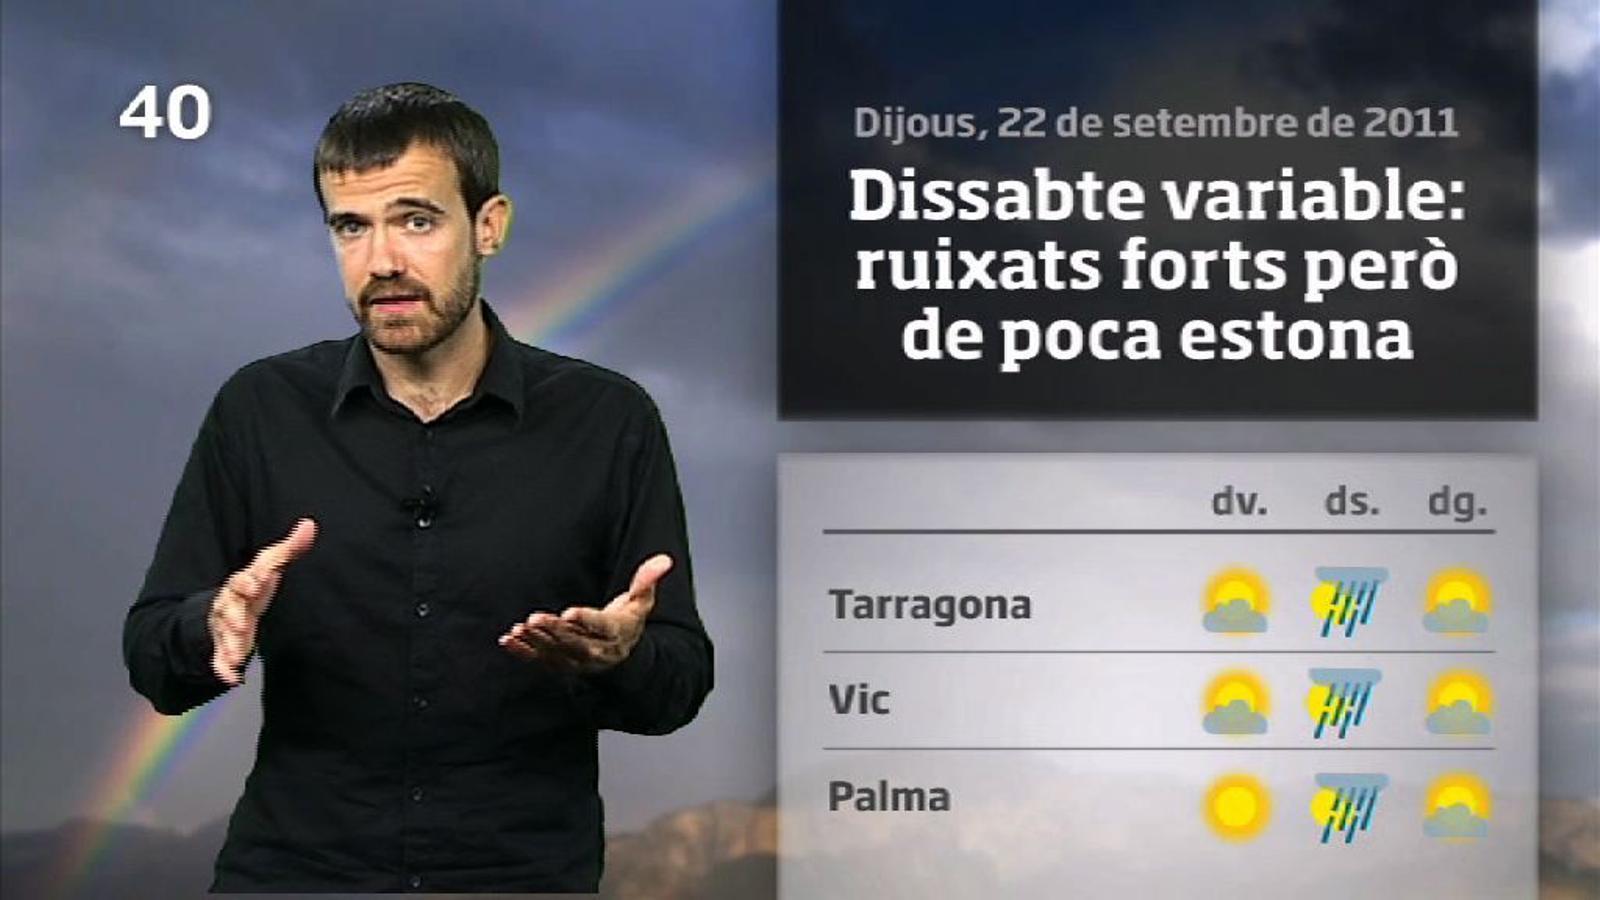 La méteo en 1 minut: tongada de xàfecs curts dissabte (23/09/2011)